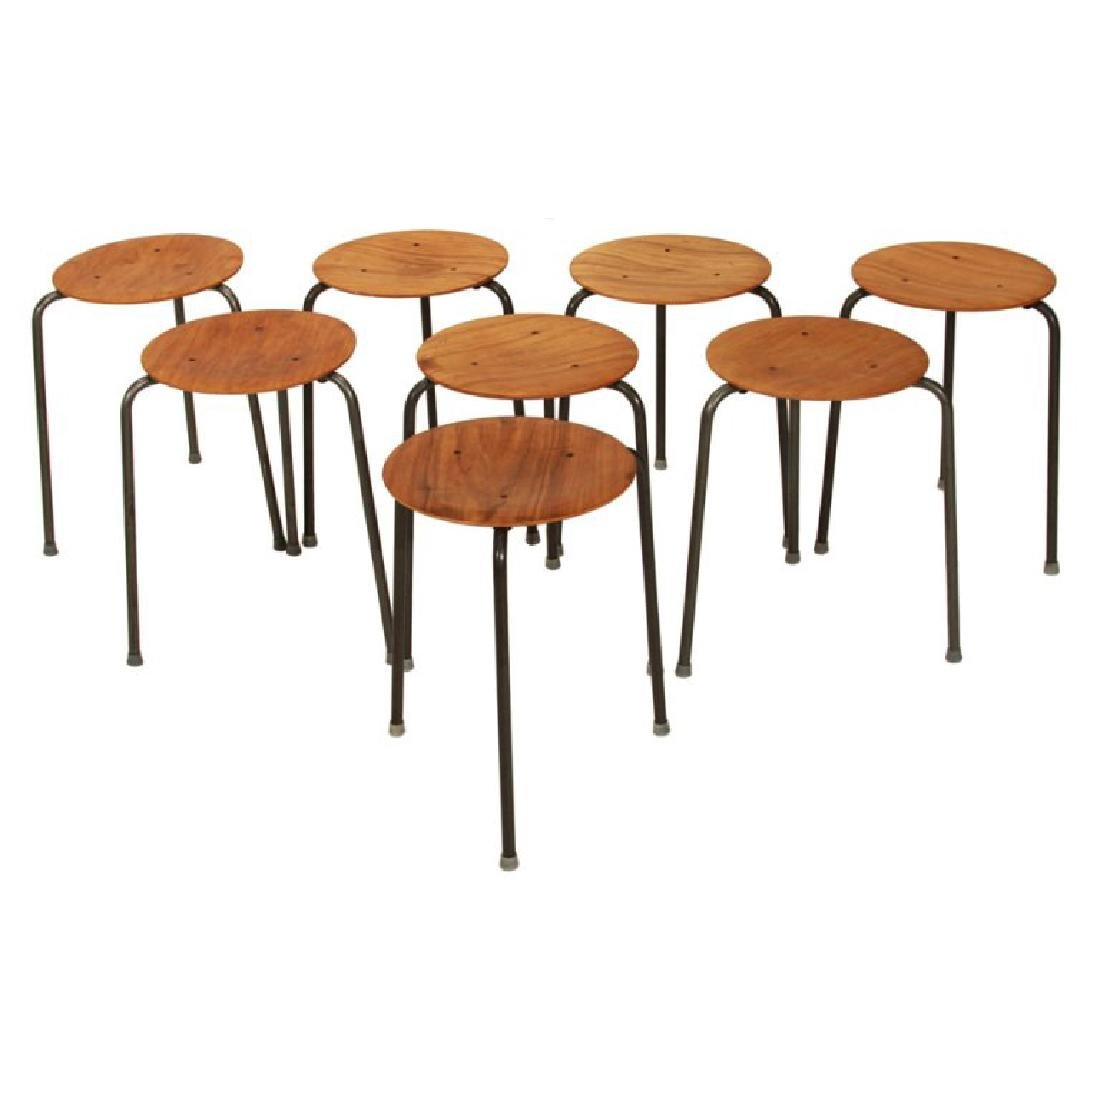 Molded Teak Plywood Stools (7)